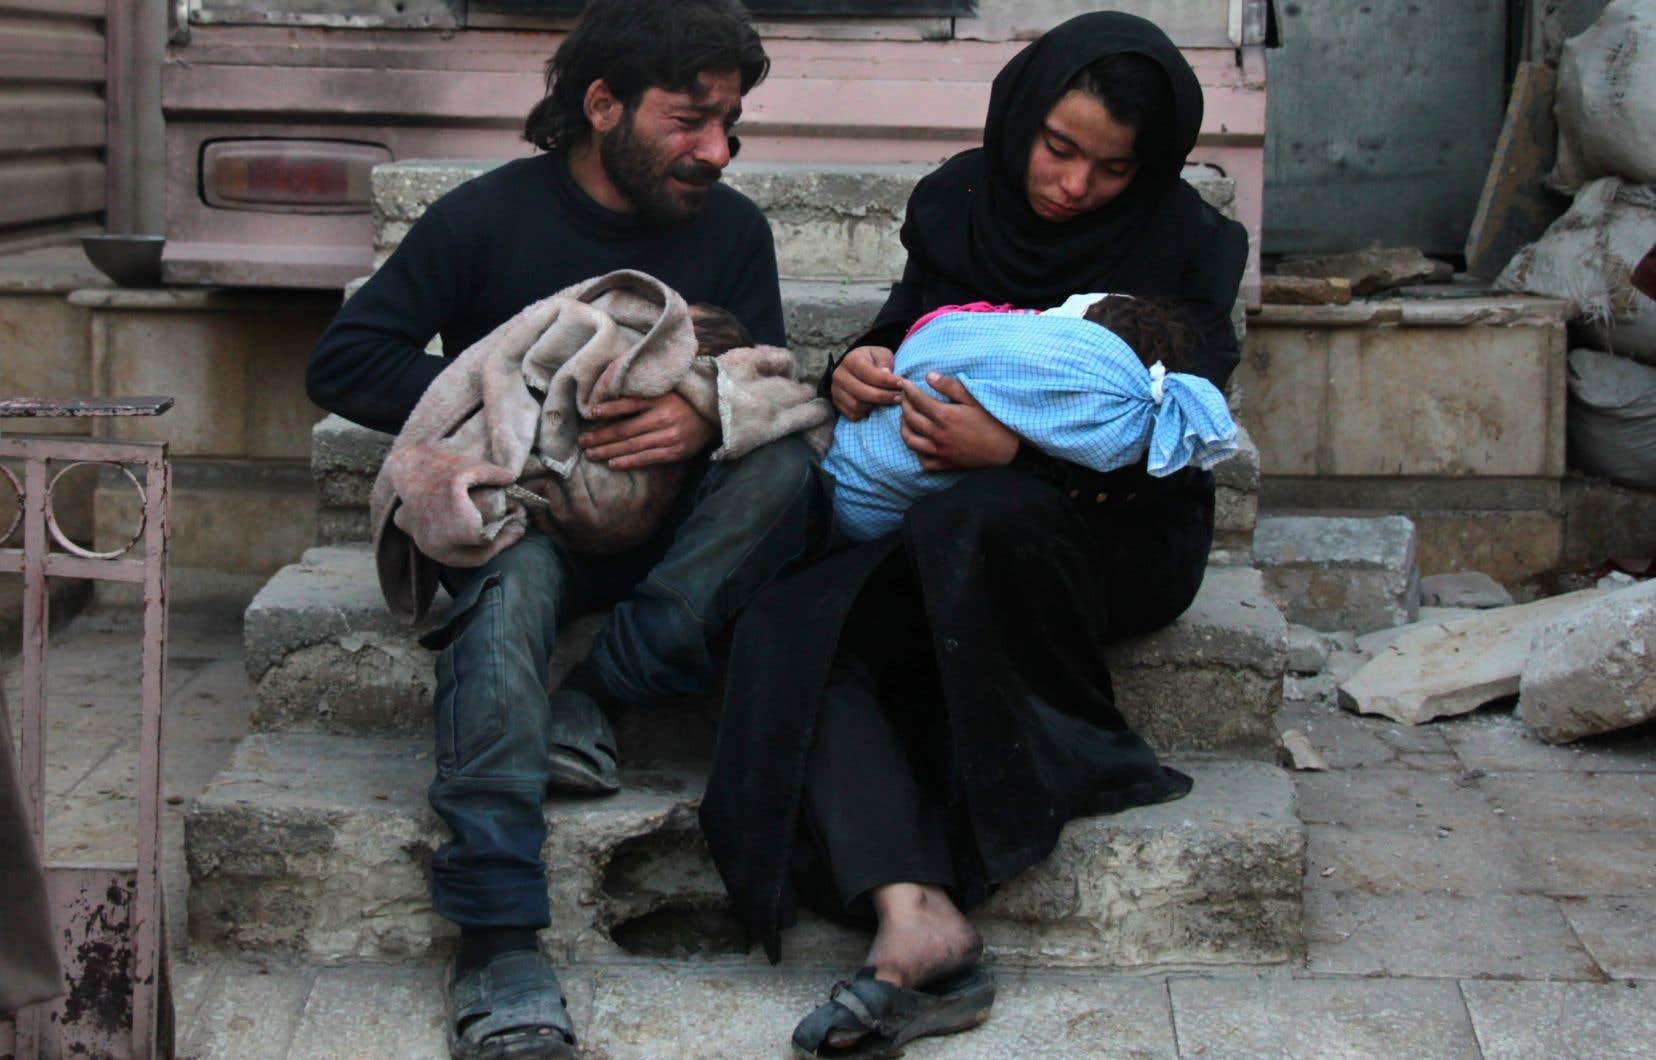 Un couple pleure la mort de son enfant à Damas. Depuis le début de l'année, plus de 1000 enfants ont été tués ou blessés dans le conflit syrien, rappelle l'auteur.